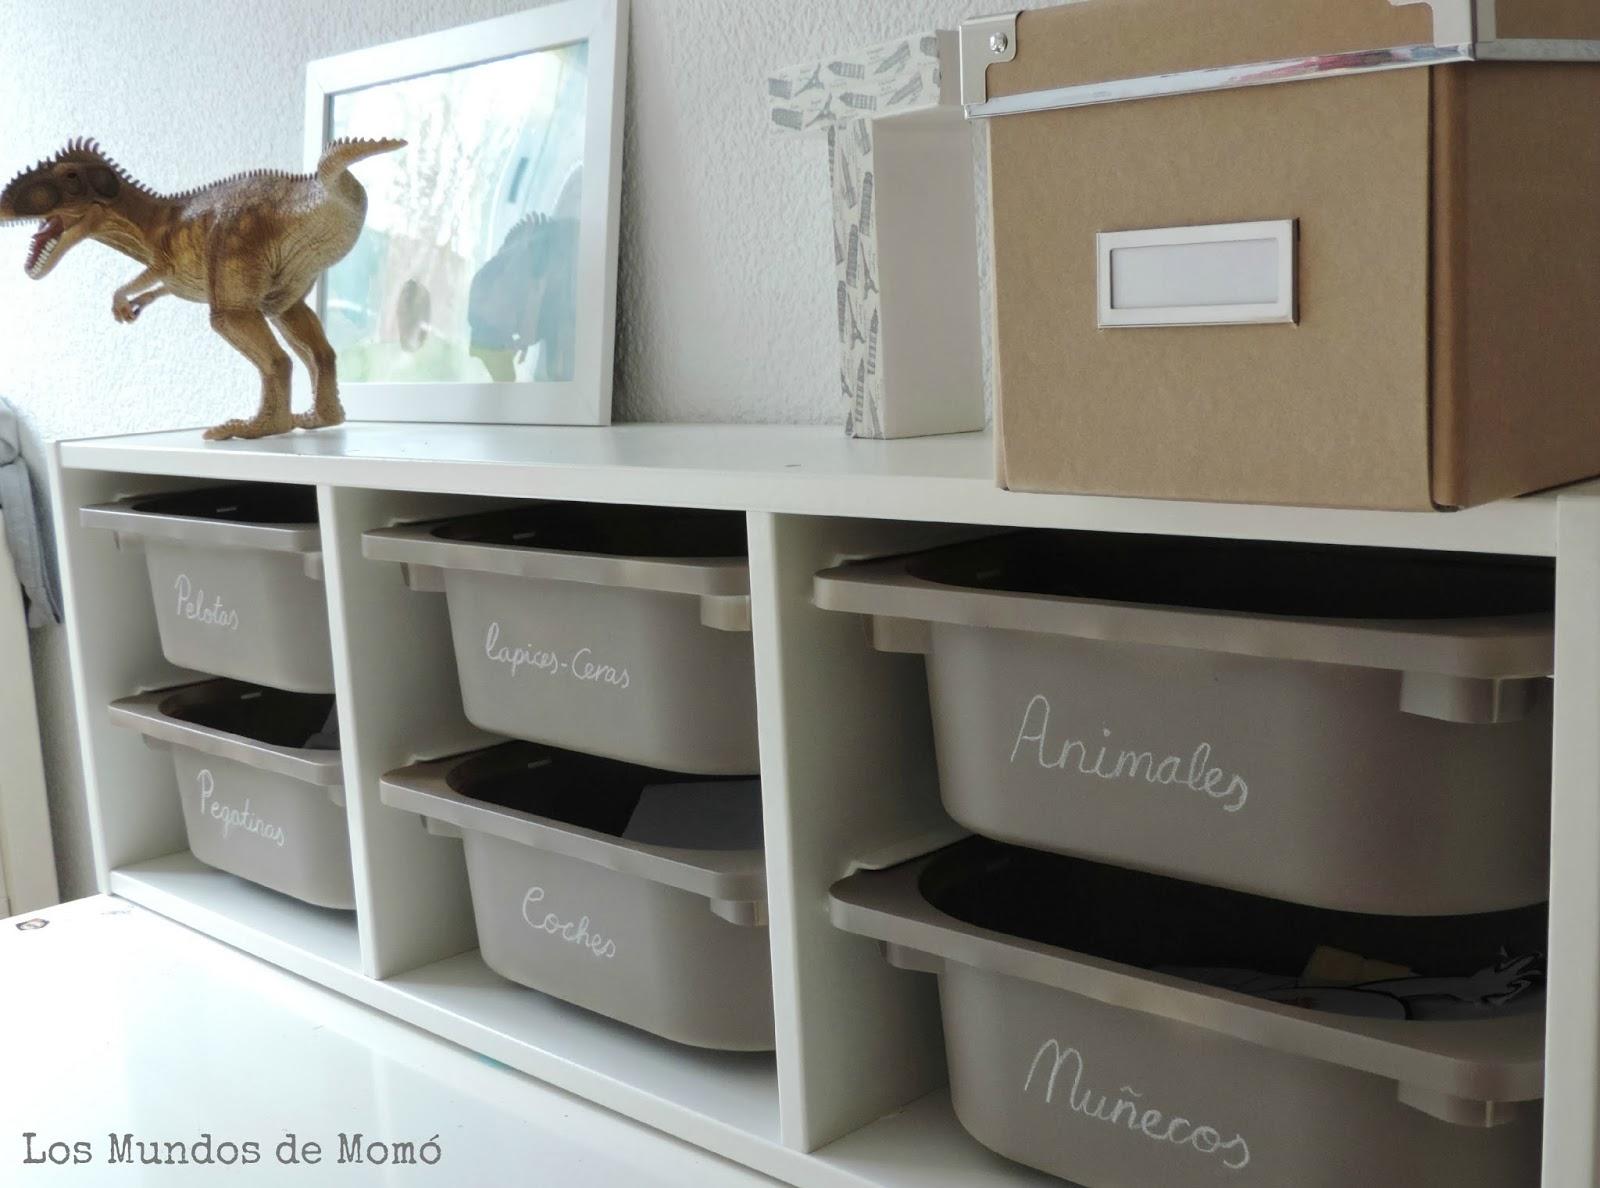 Personaliza tus muebles de ikea handbox craft lovers for Aplicacion para disenar muebles